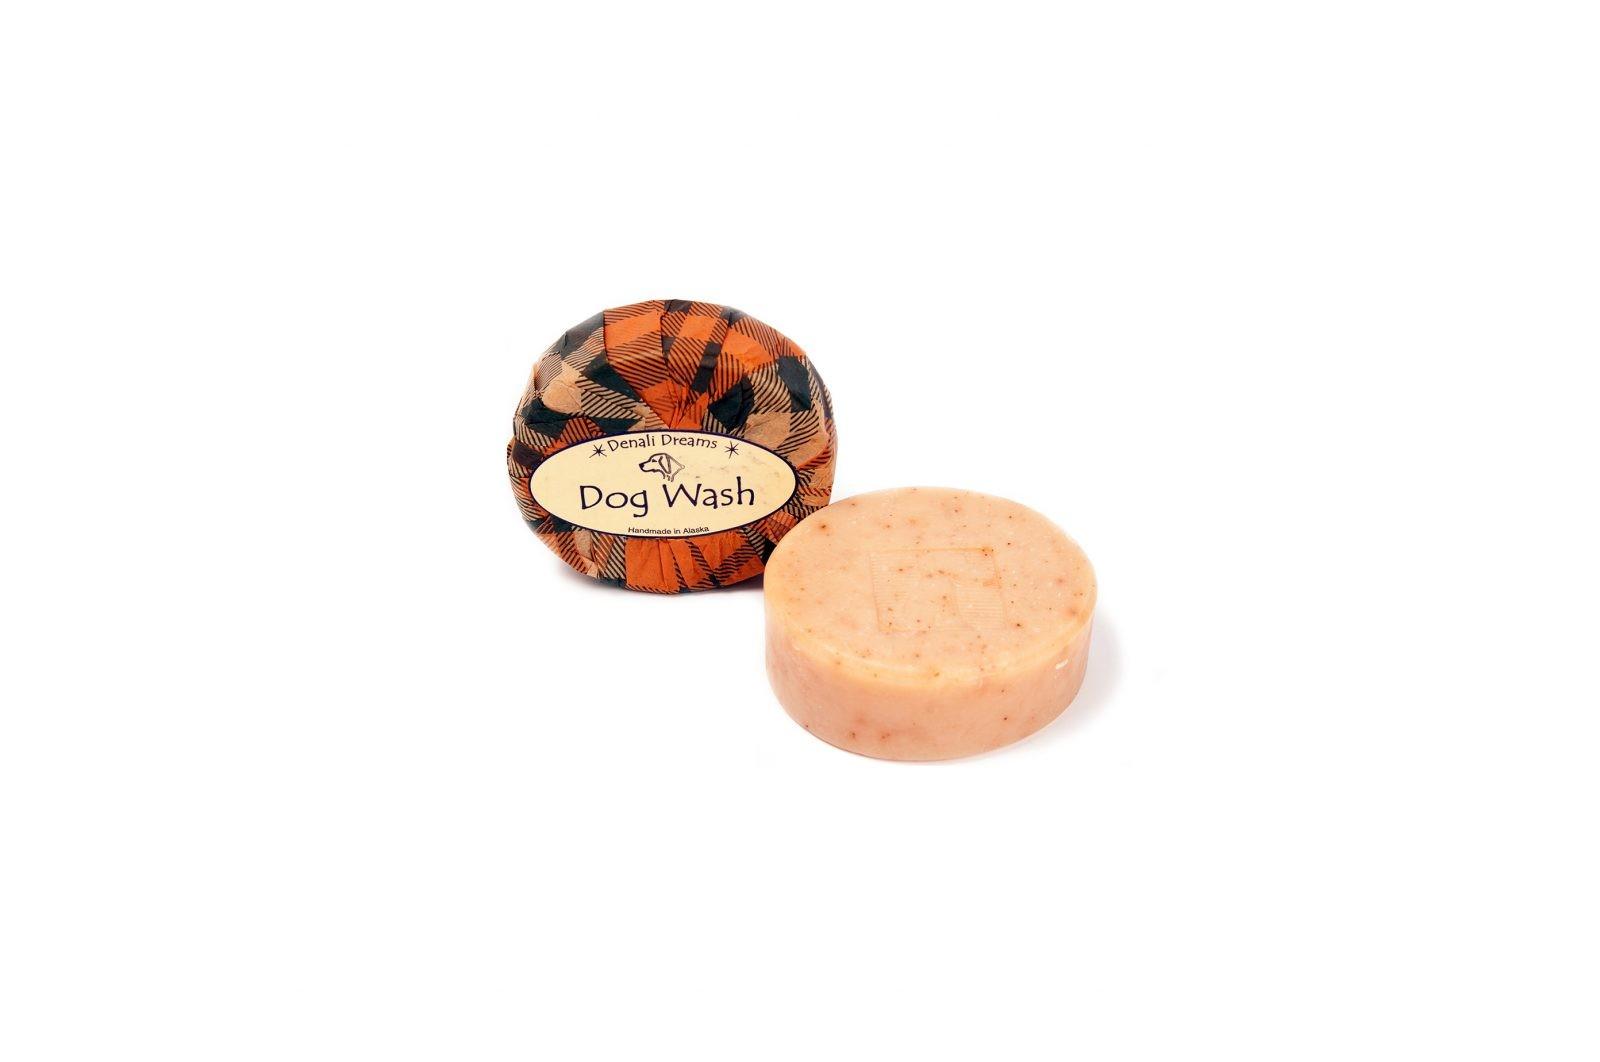 Dog Wash Soap